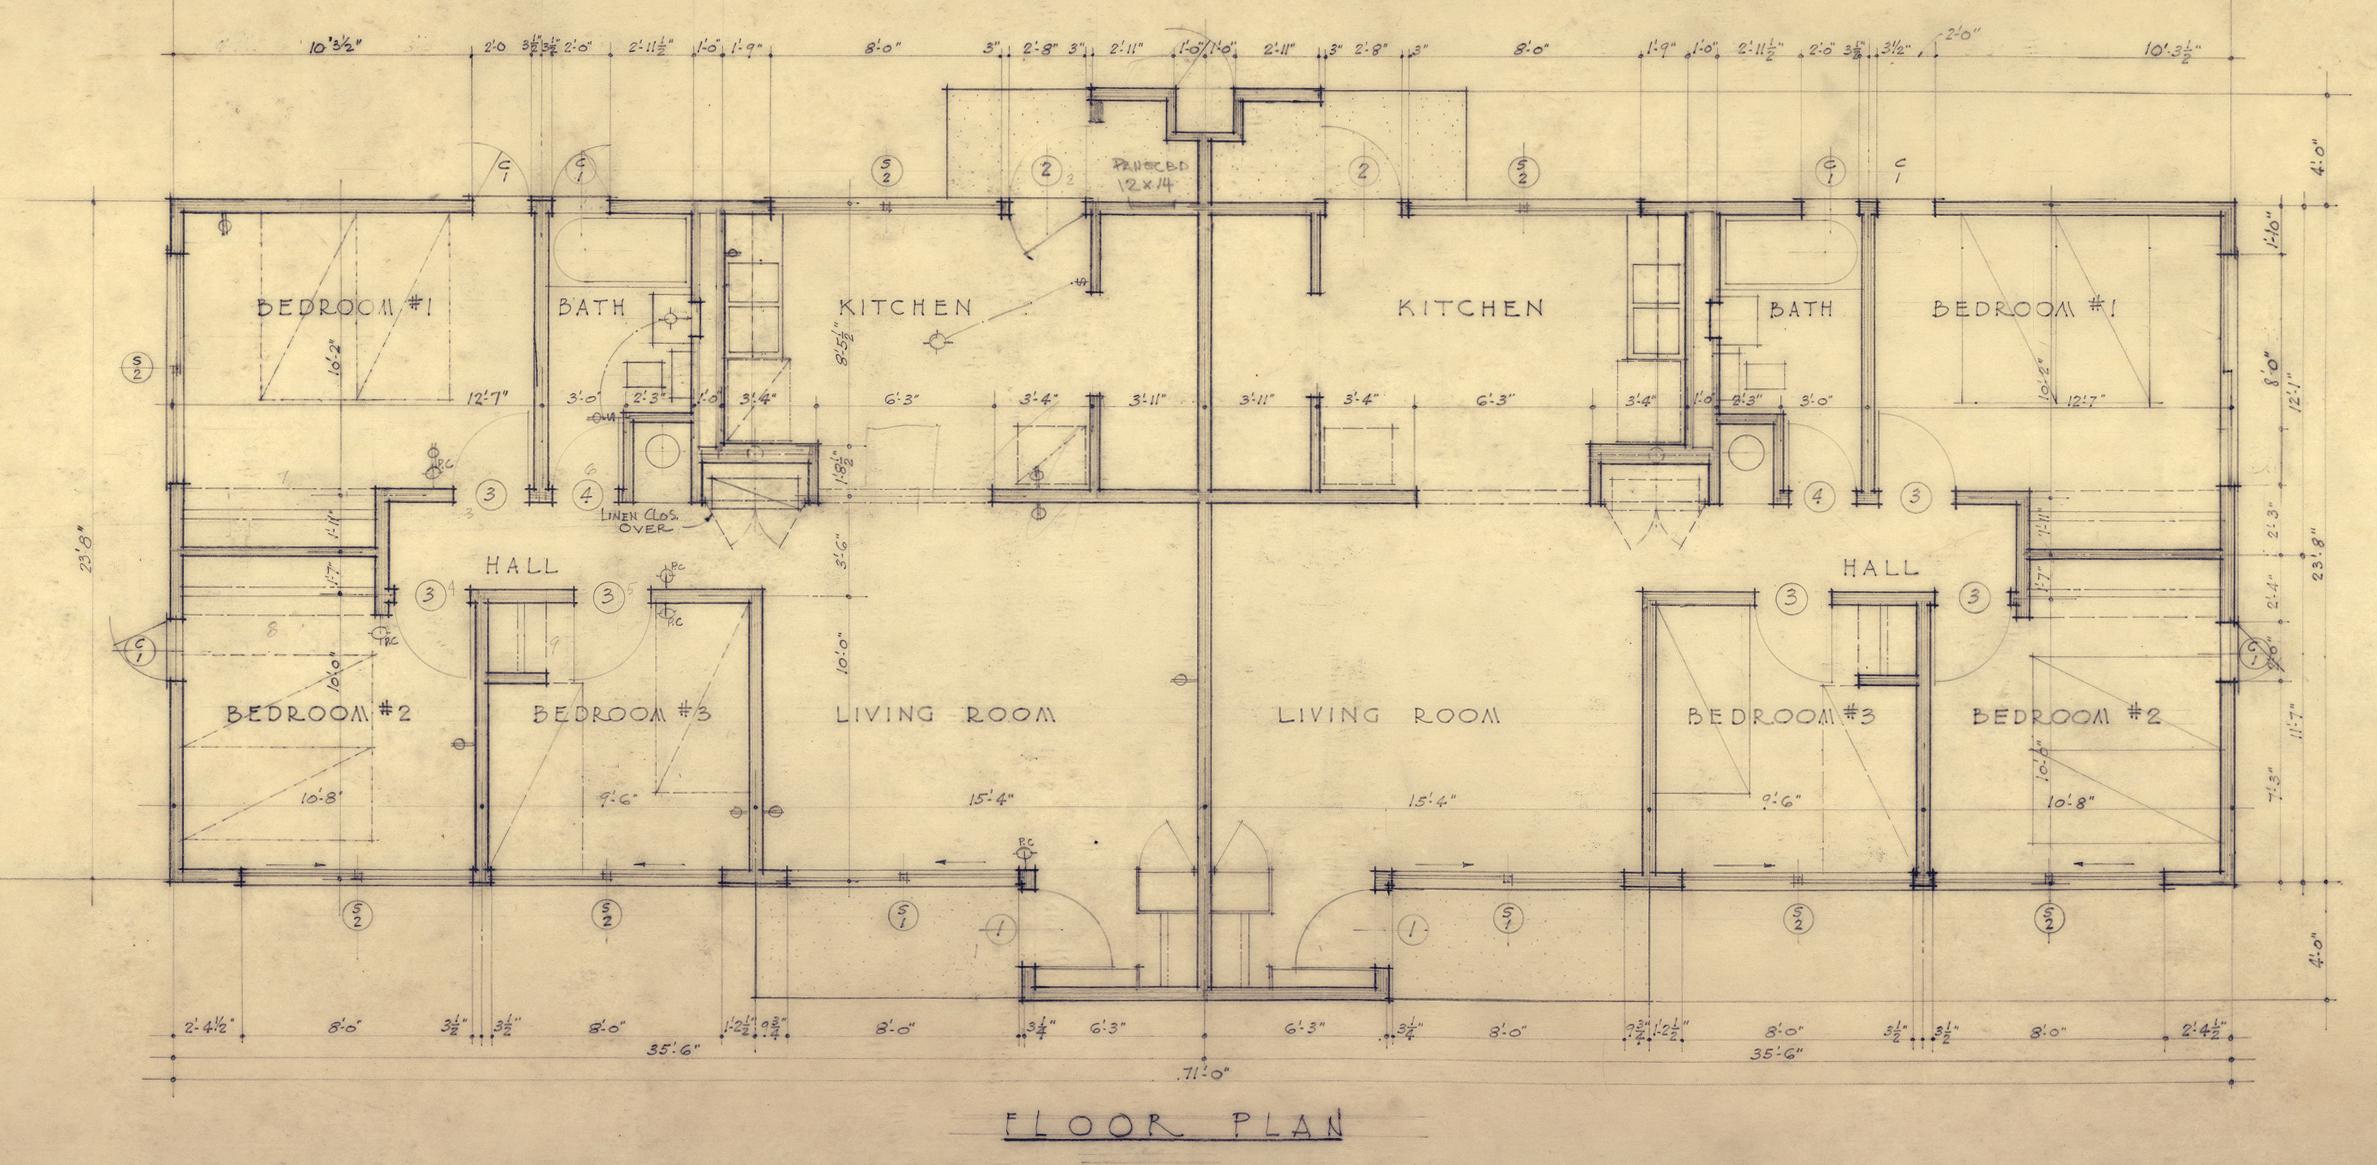 dwelling floorplan1